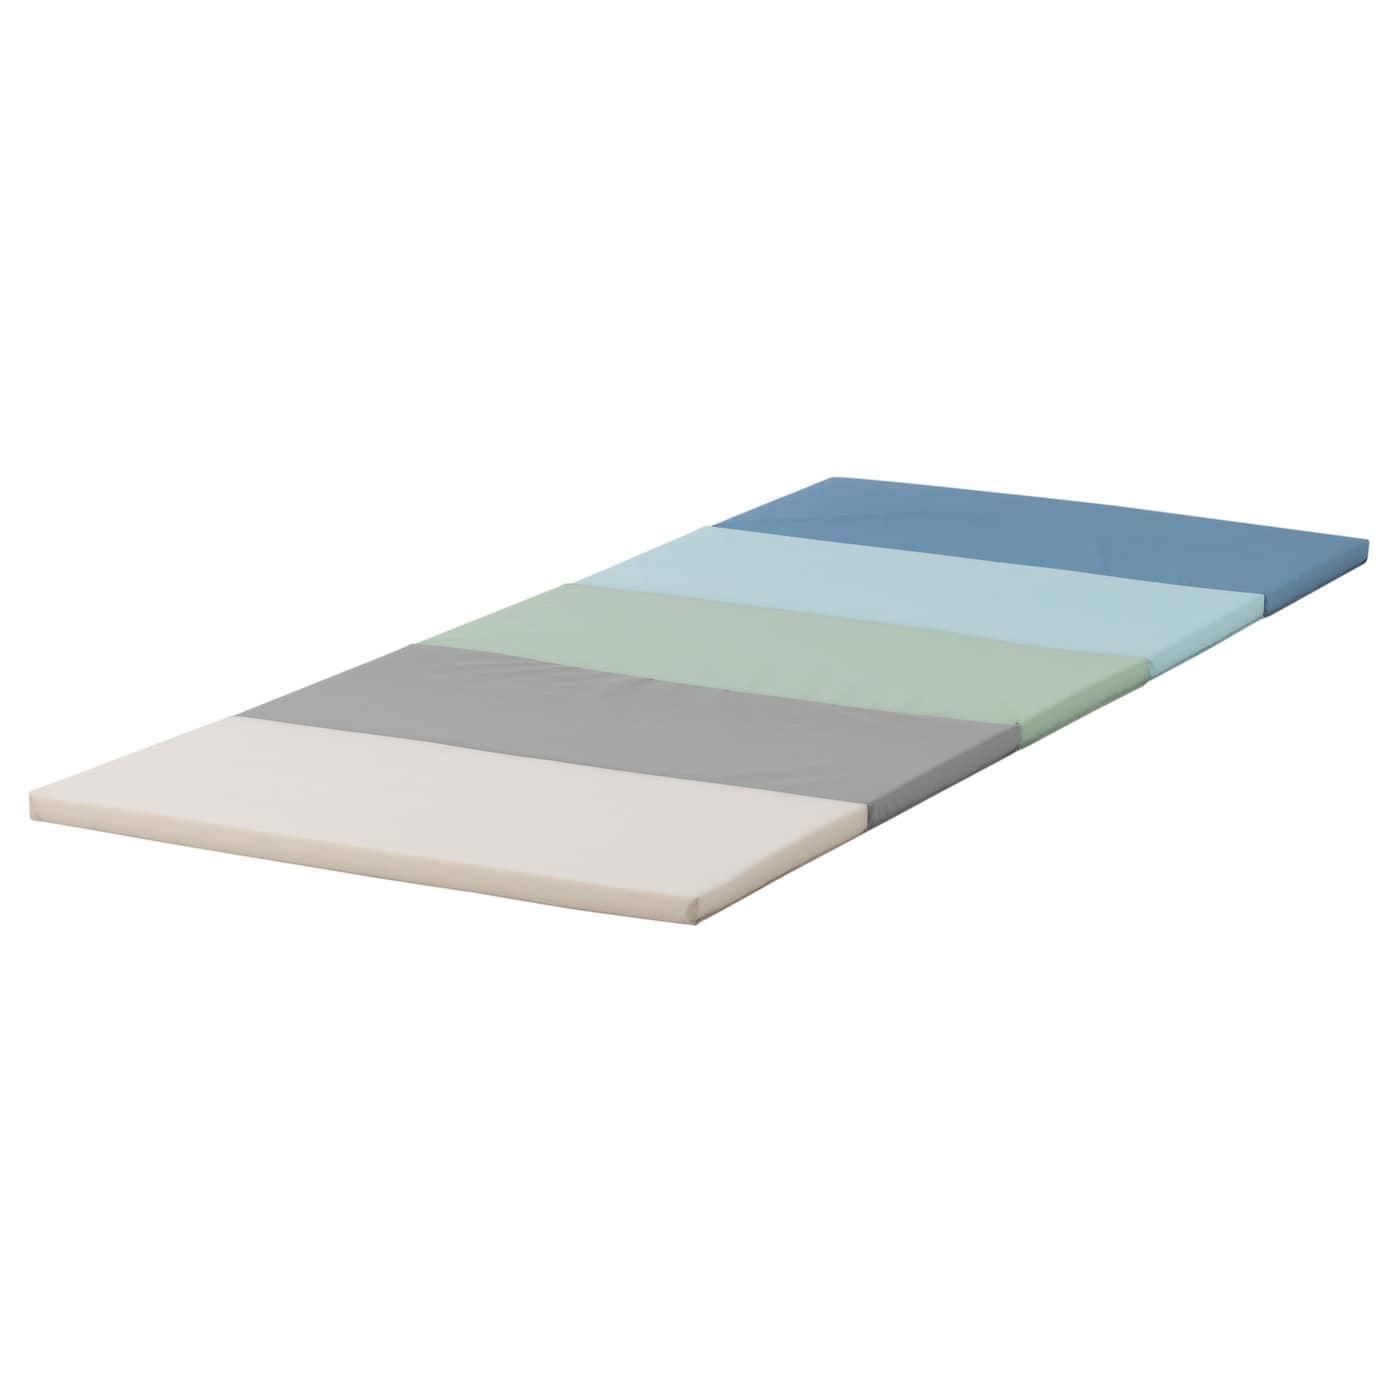 PLUFSIG Gymnastikmatte, faltbar - blau 78x185 cm